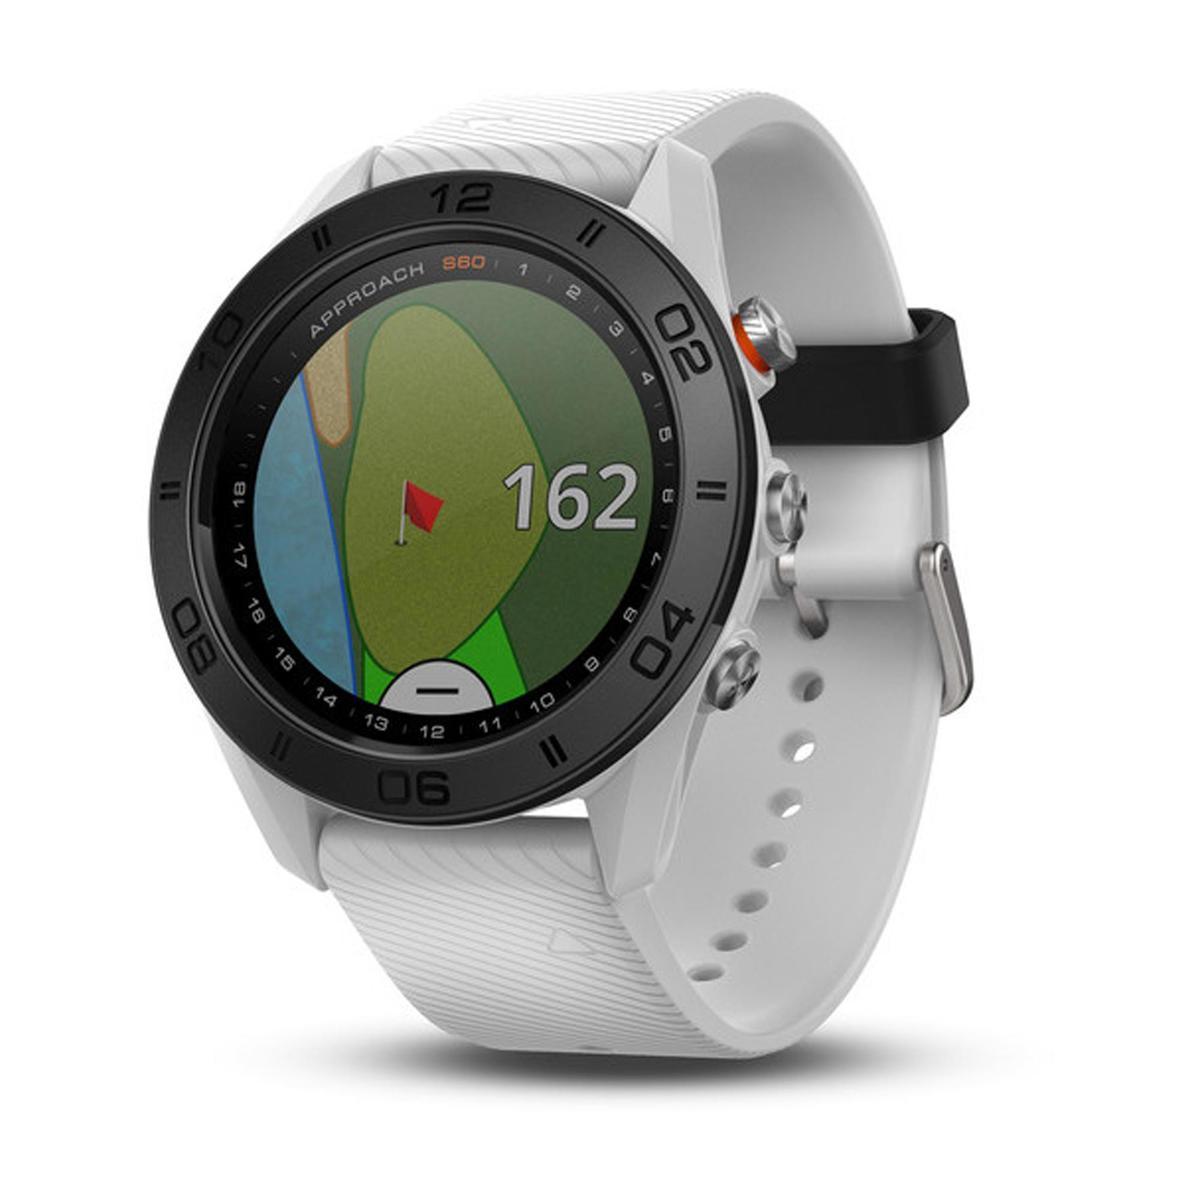 Bild 2 von Golf GPS-Uhr Approach S60 weiß